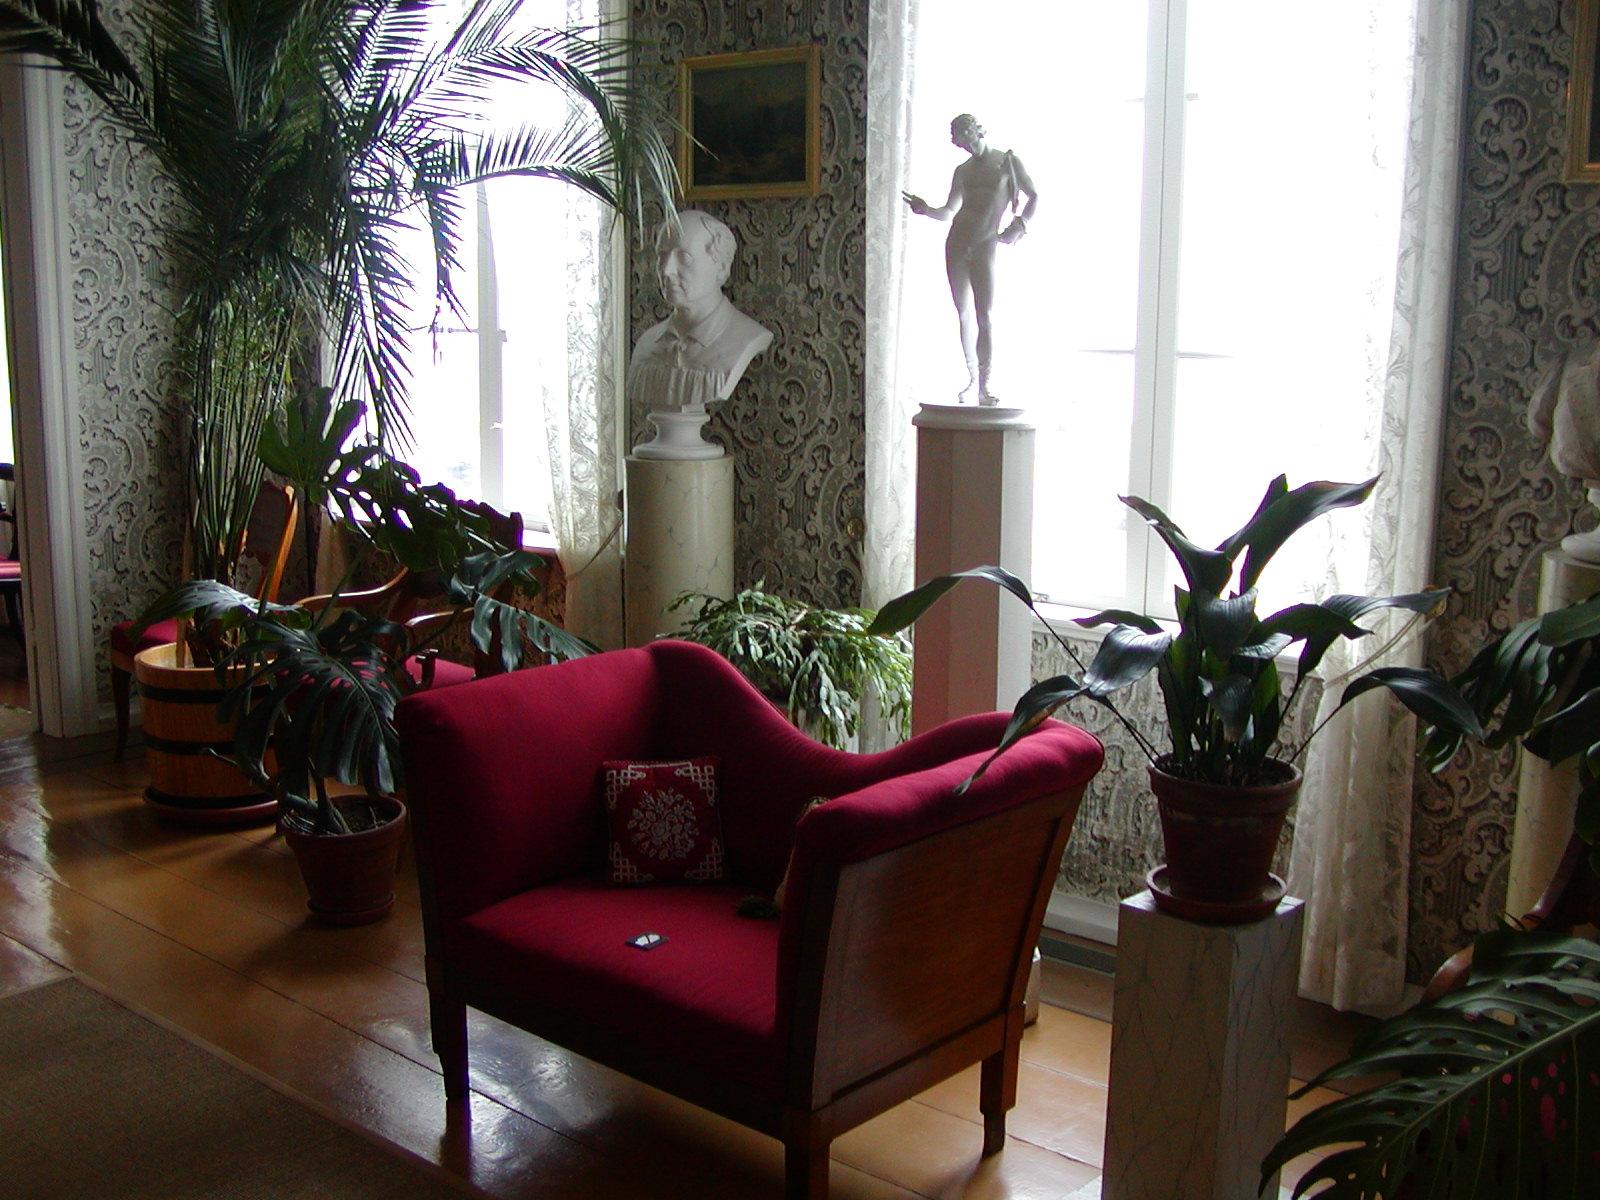 Una de las estancias de la casa museo de J.L. Runeberg